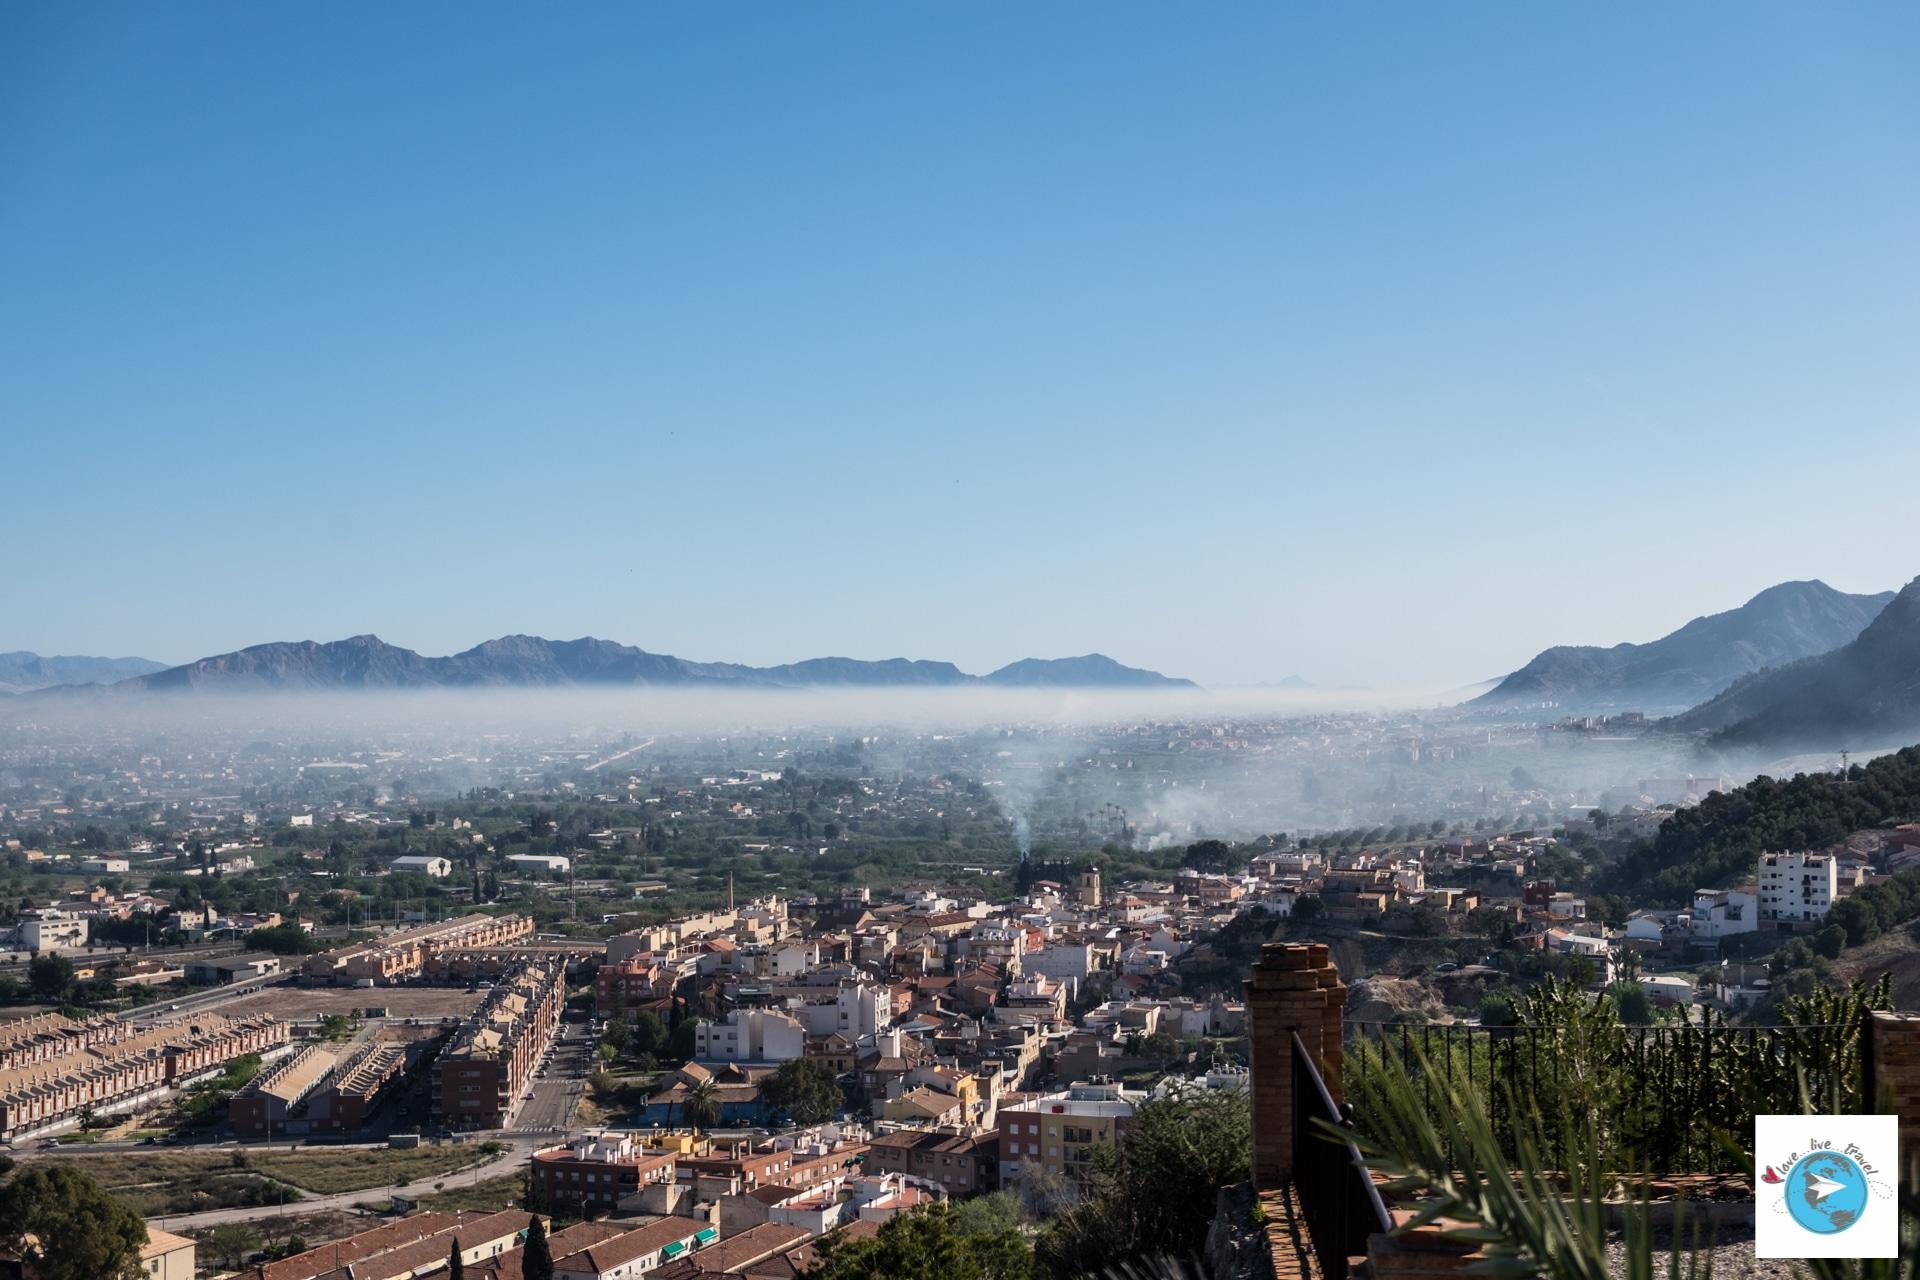 Murcie : 10 bonnes raisons de visiter cette région d'Espagne